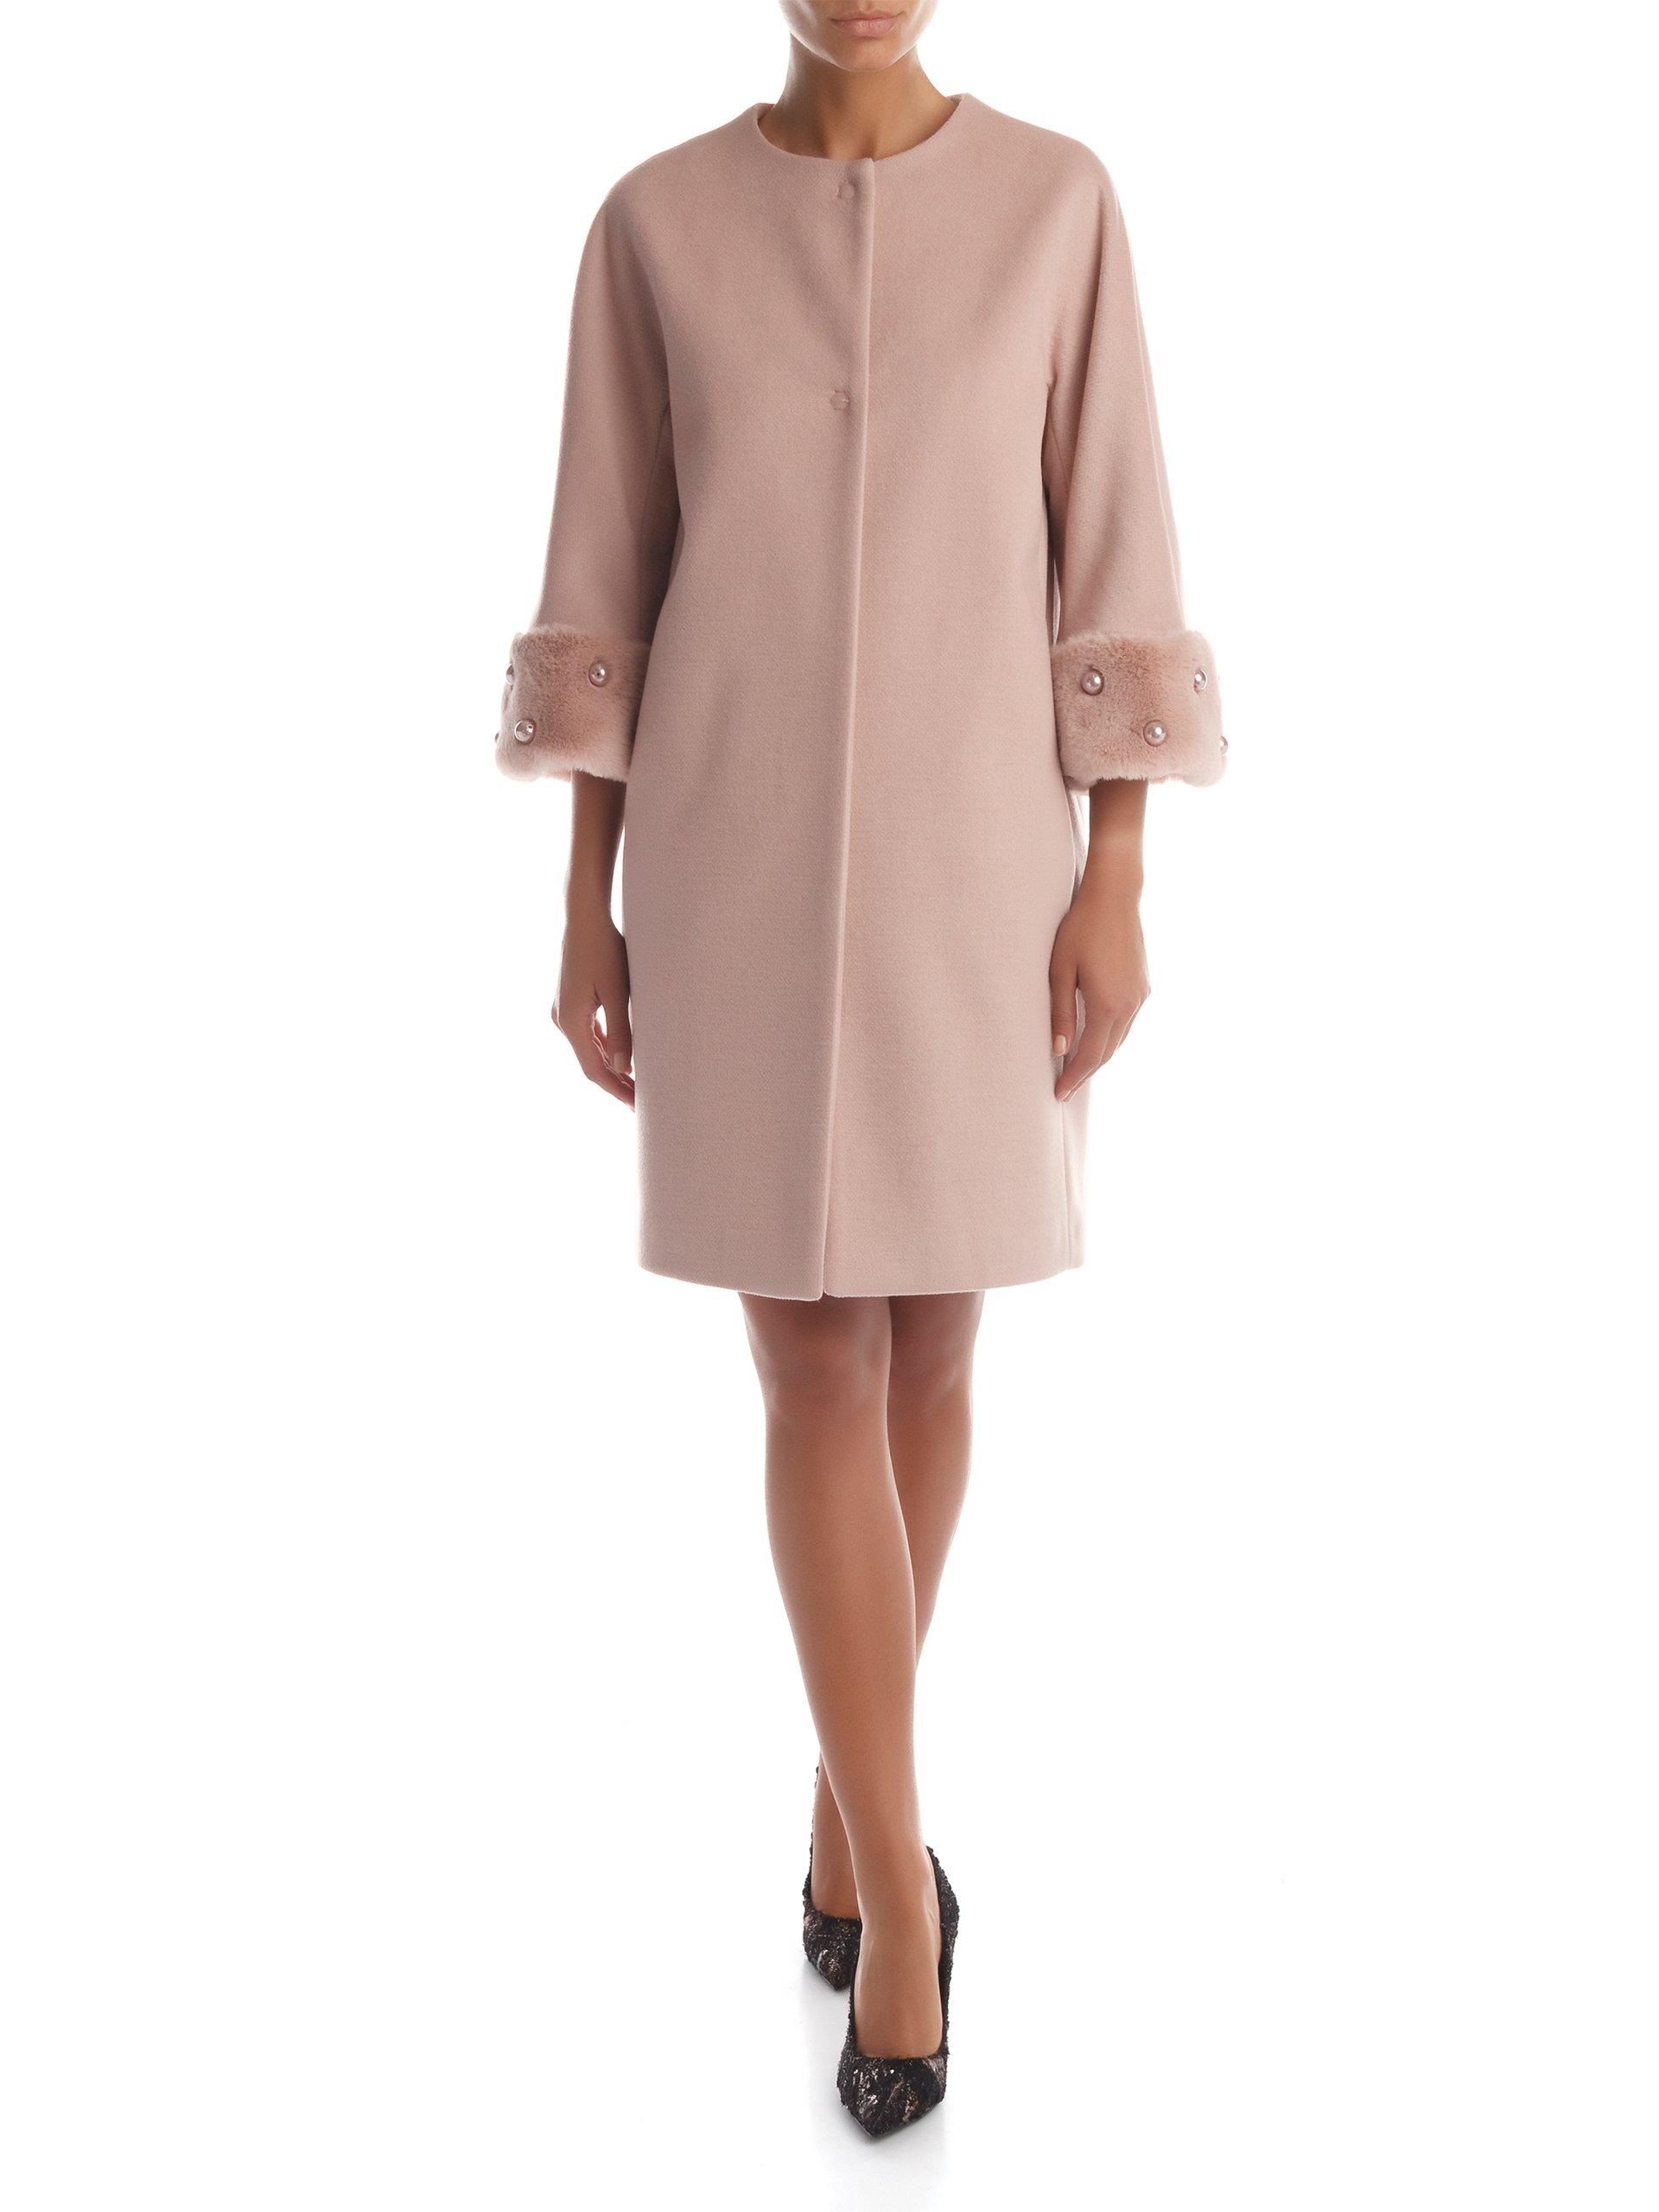 sale retailer 1a44a e89f7 Cappotto Zarina Rinascimento moda autunno inverno 2017 2018